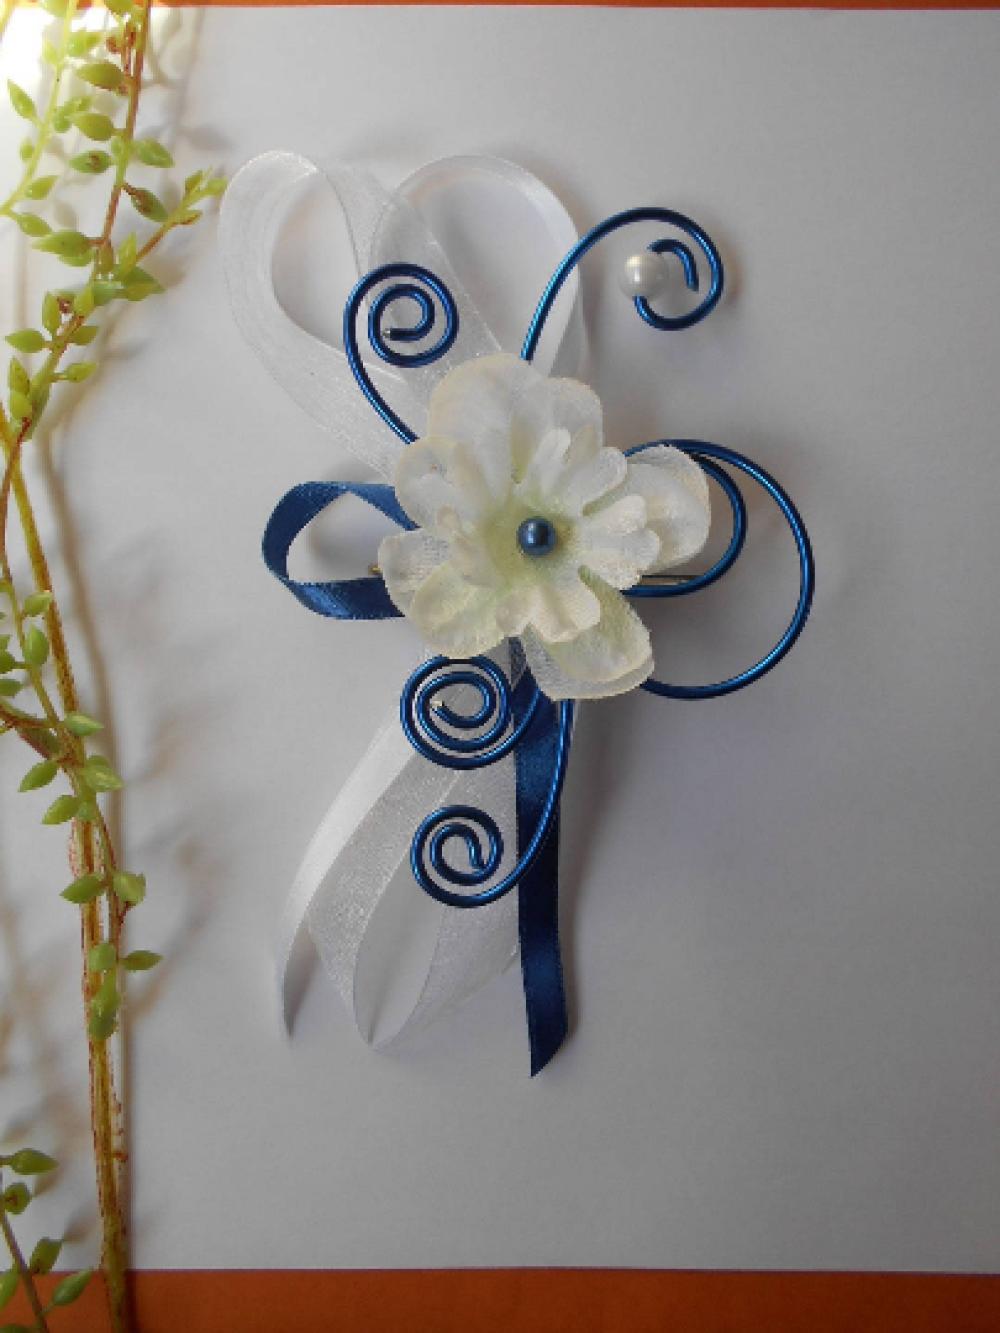 Broche, remonte traîne bleue marine et blanche avec delphinium